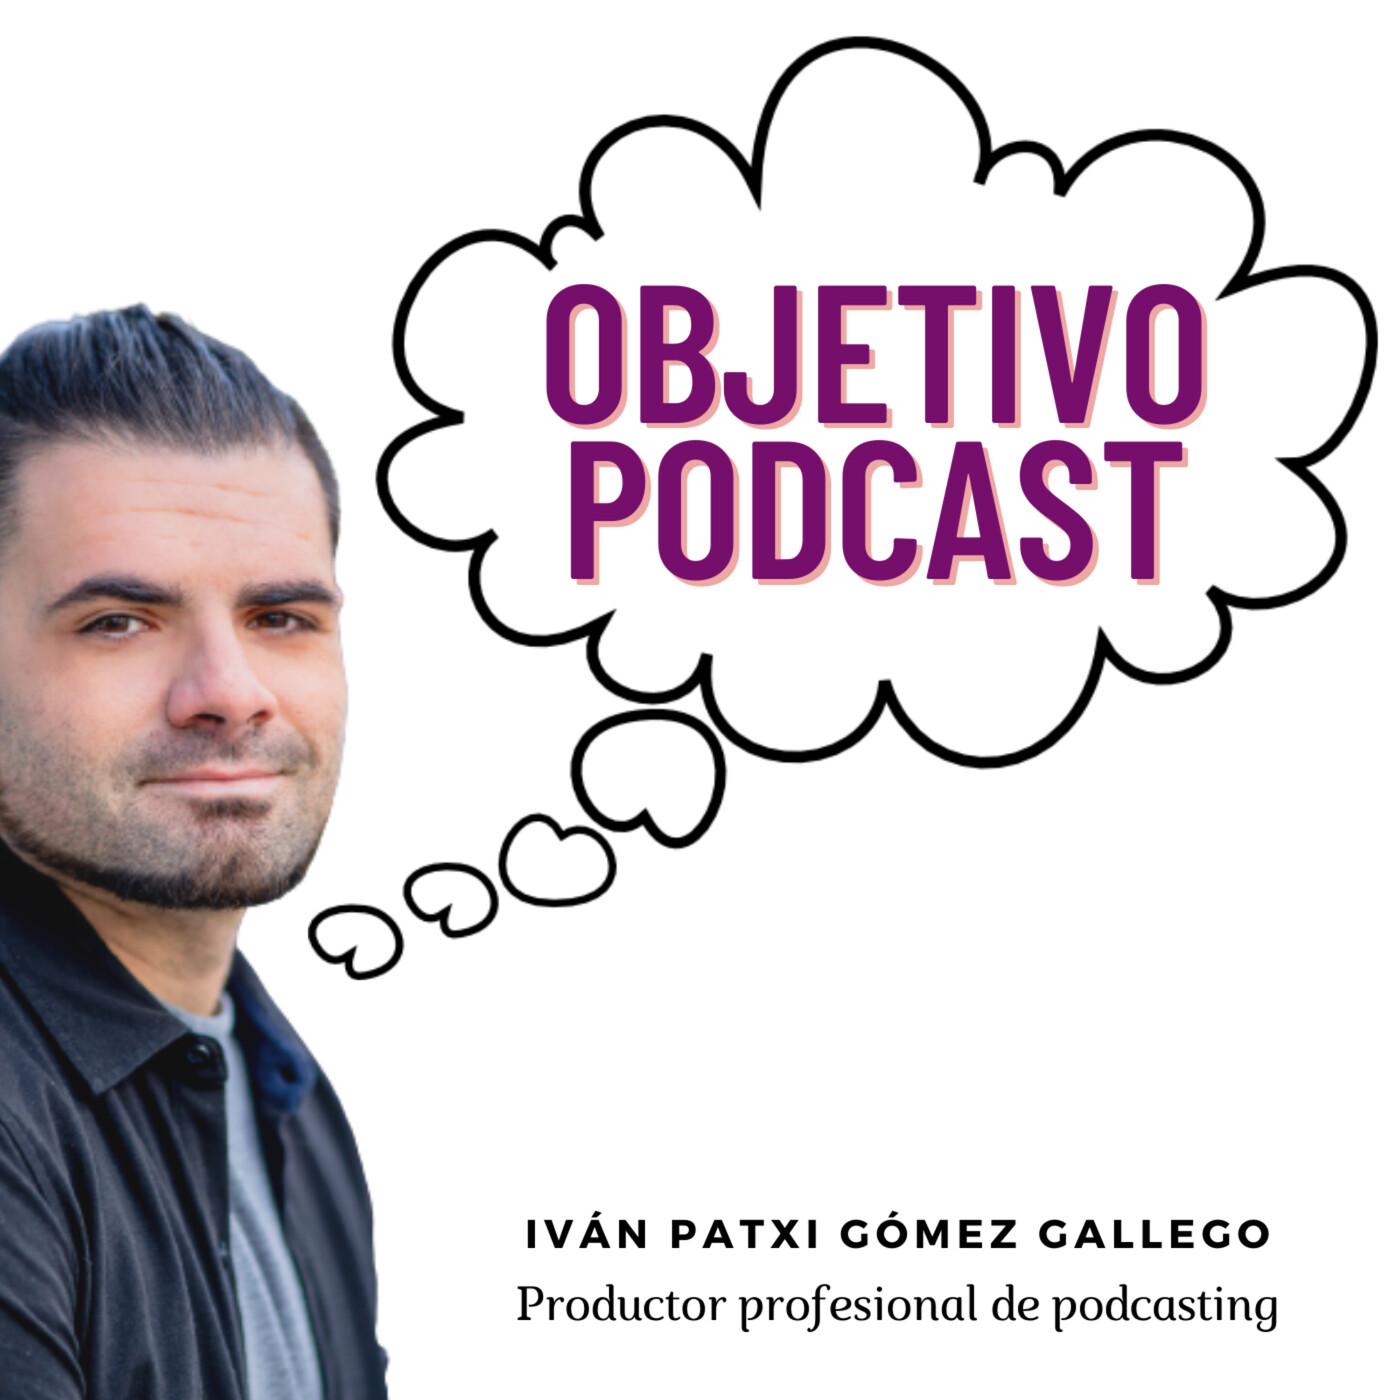 """17. ¿Cómo hacerse rico con un podcast? (Versión hardcore del """"Gana dinero con tu podcast"""")"""